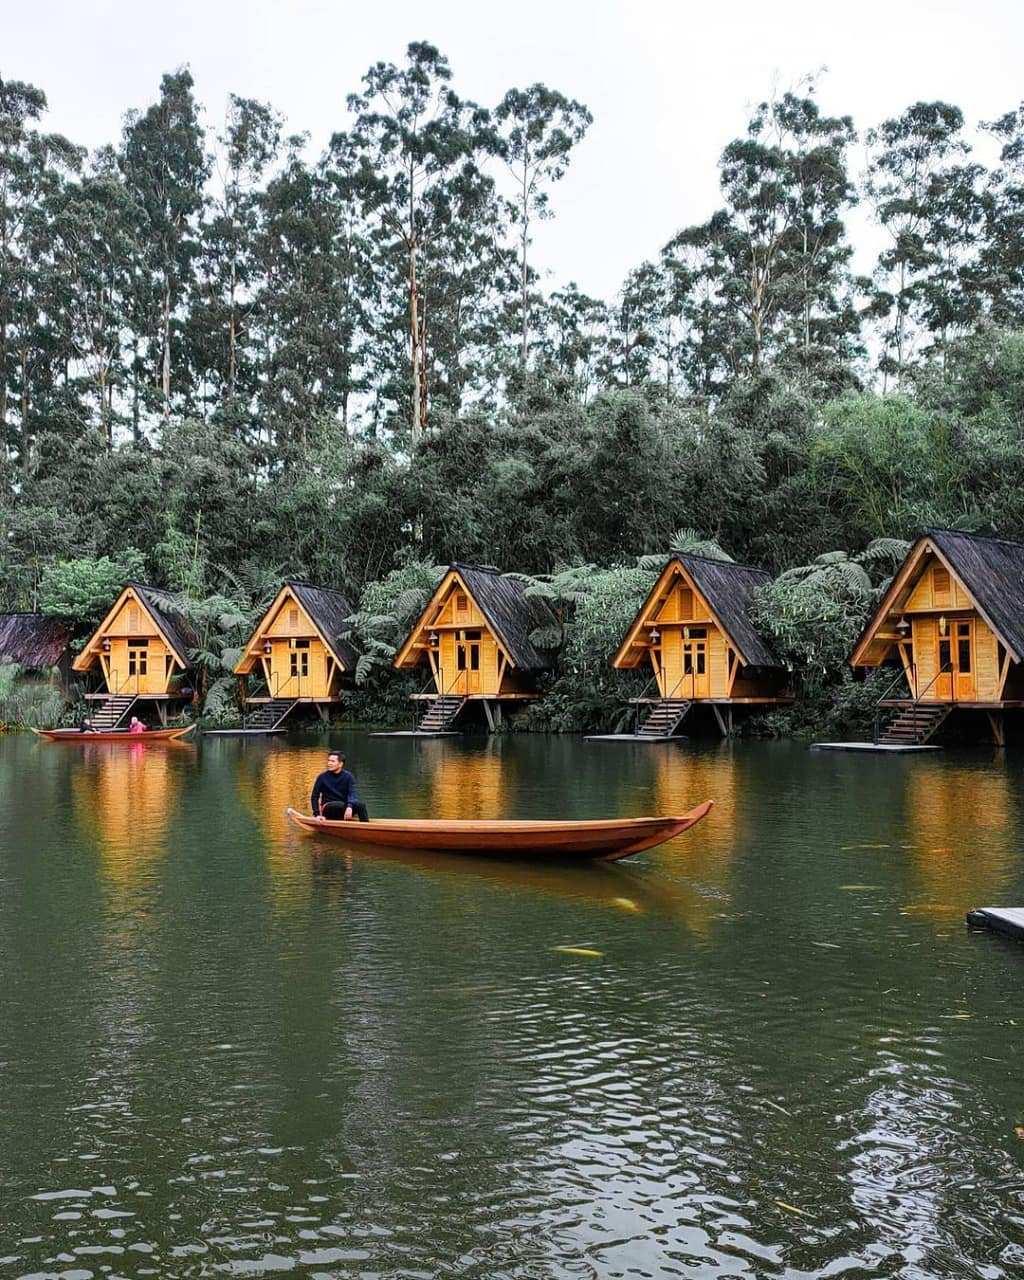 Menaiki Perahu di Dusun Bambu Lembang Image From @harryindraa